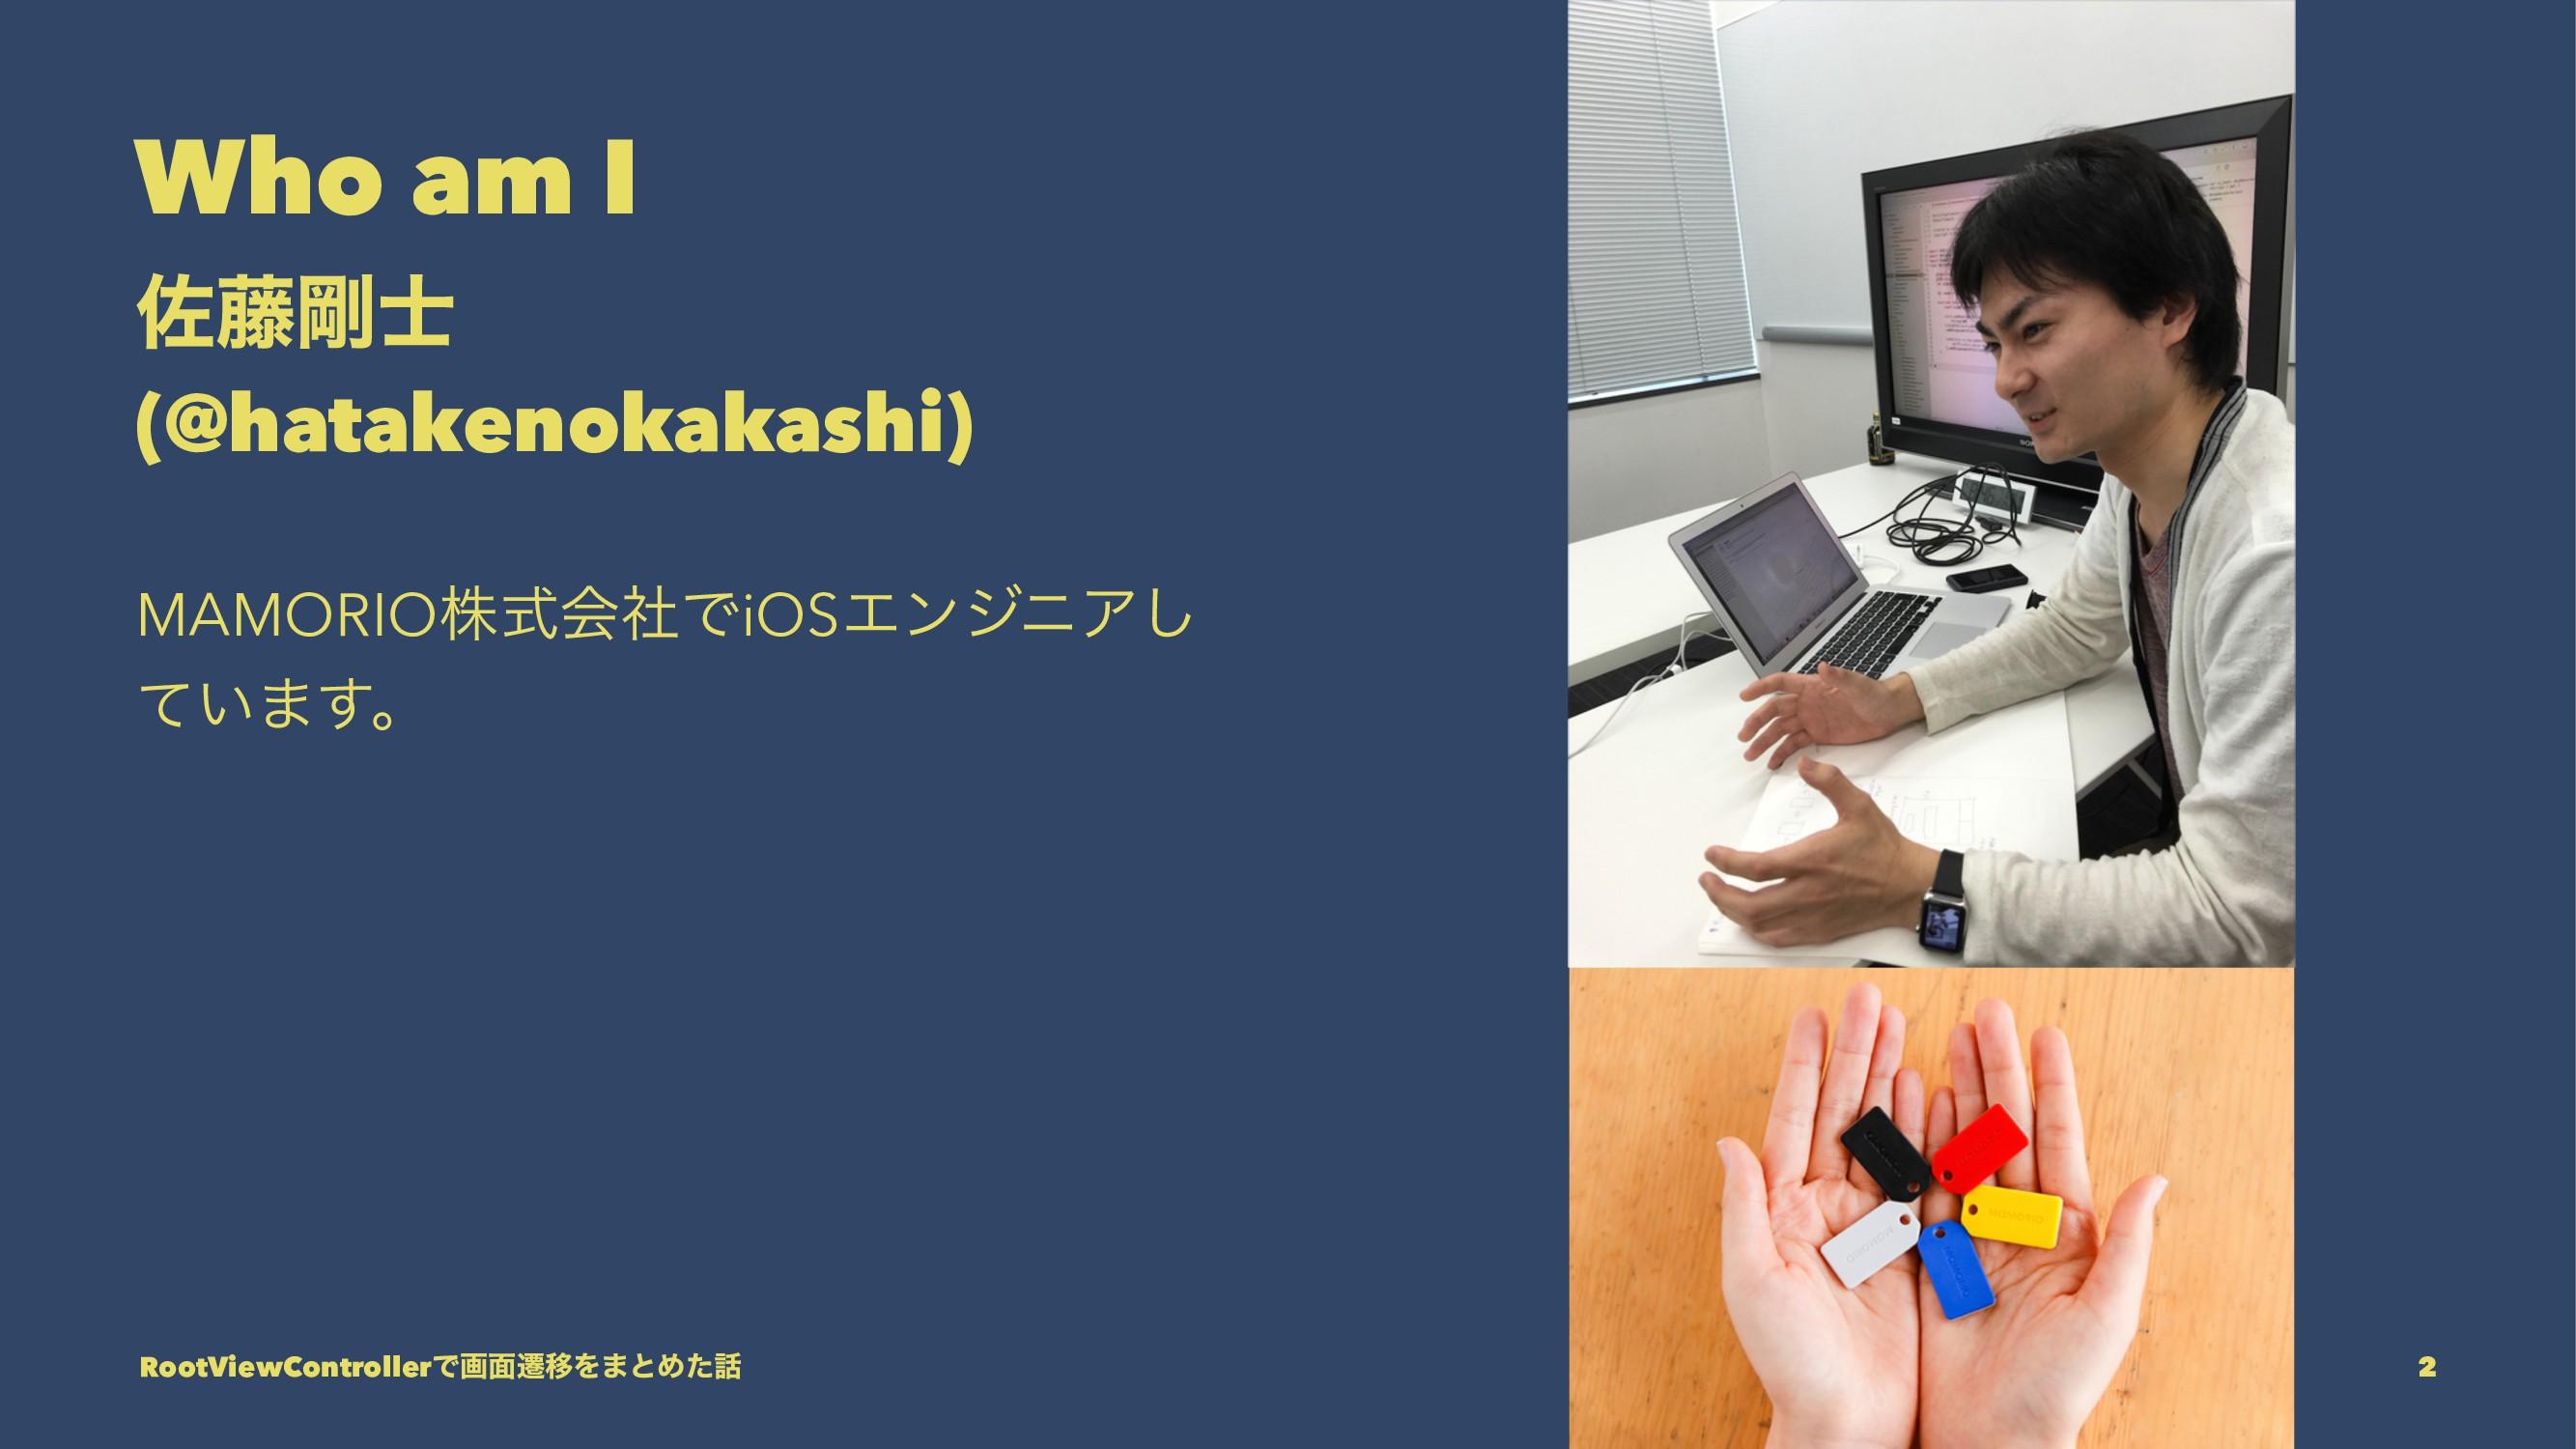 Who am I ࠤ౻߶ (@hatakenokakashi) MAMORIOגࣜձࣾͰiO...